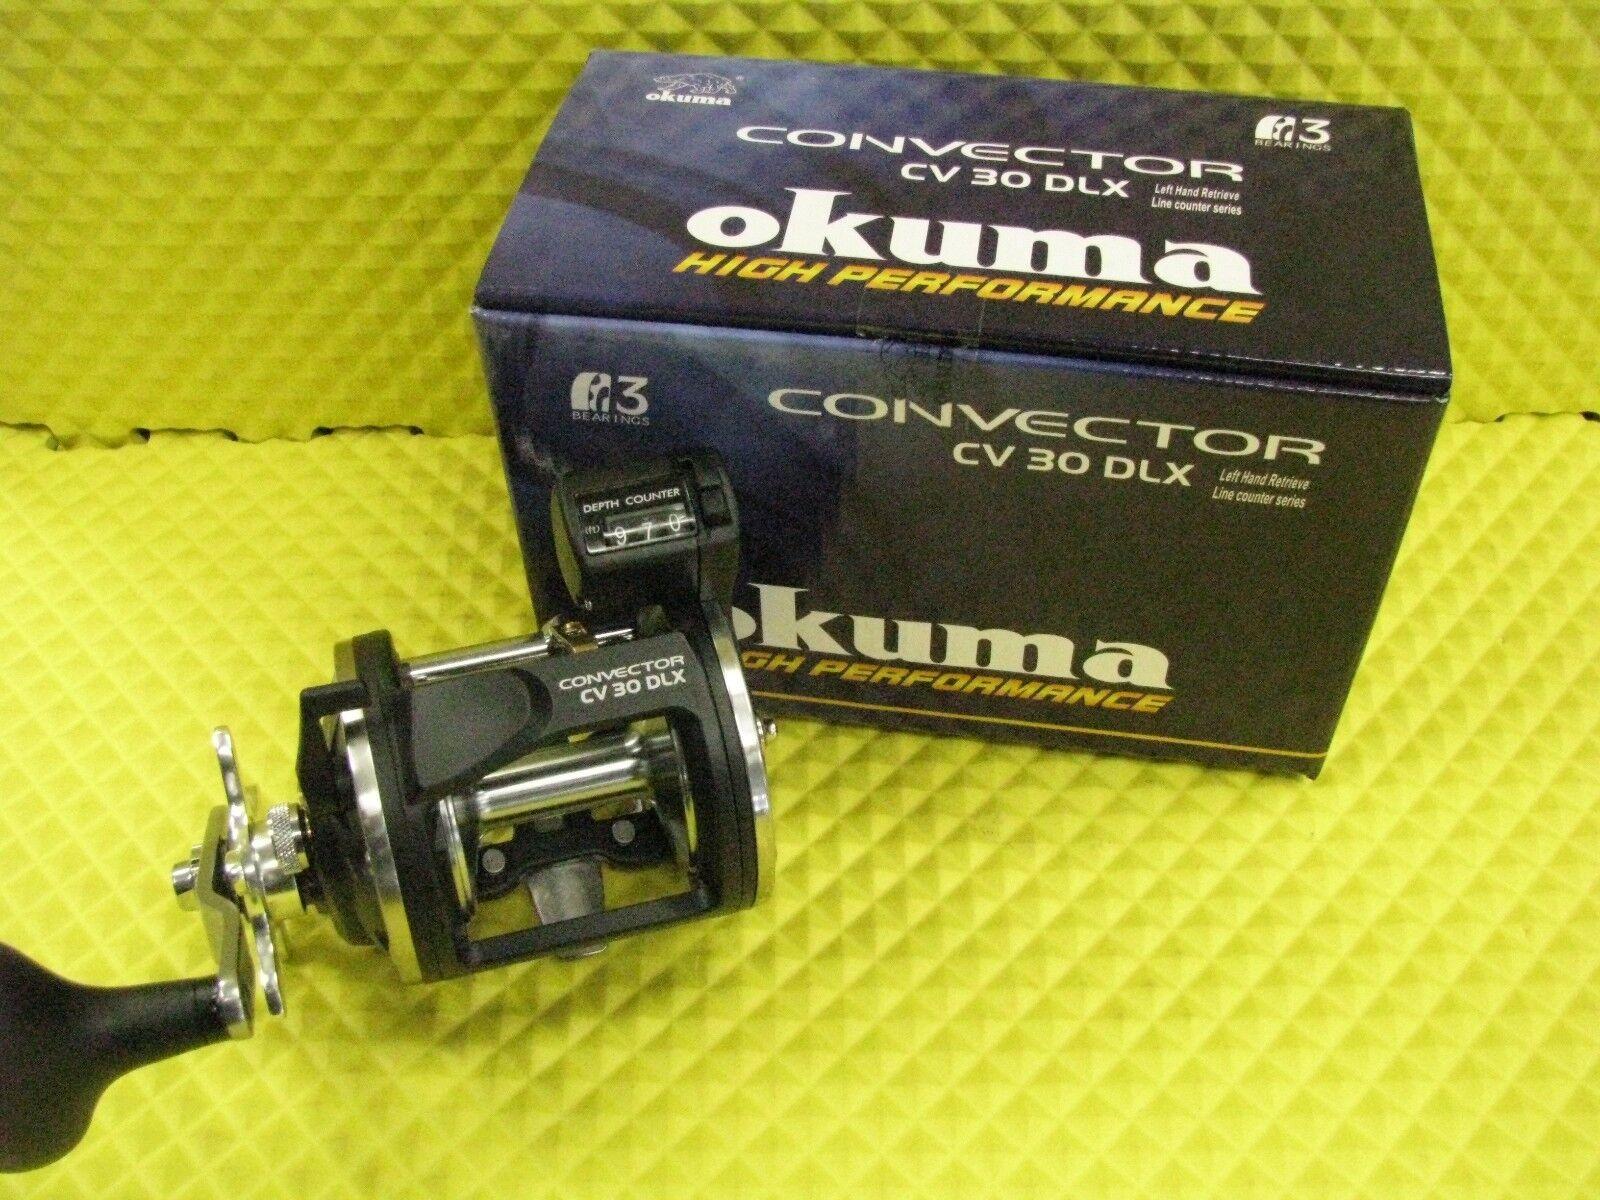 Okuma Convector CV 30DLX Left Hand Retrieve Line Counter Trolling Reel